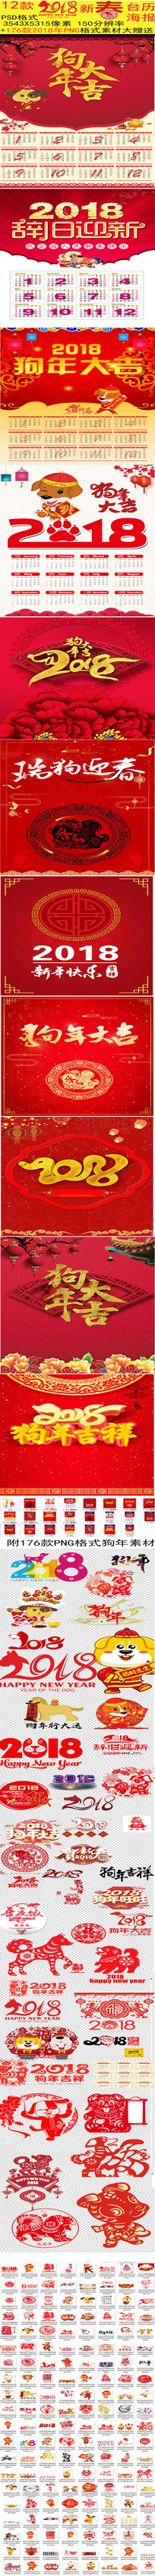 2018年新春PSD海报